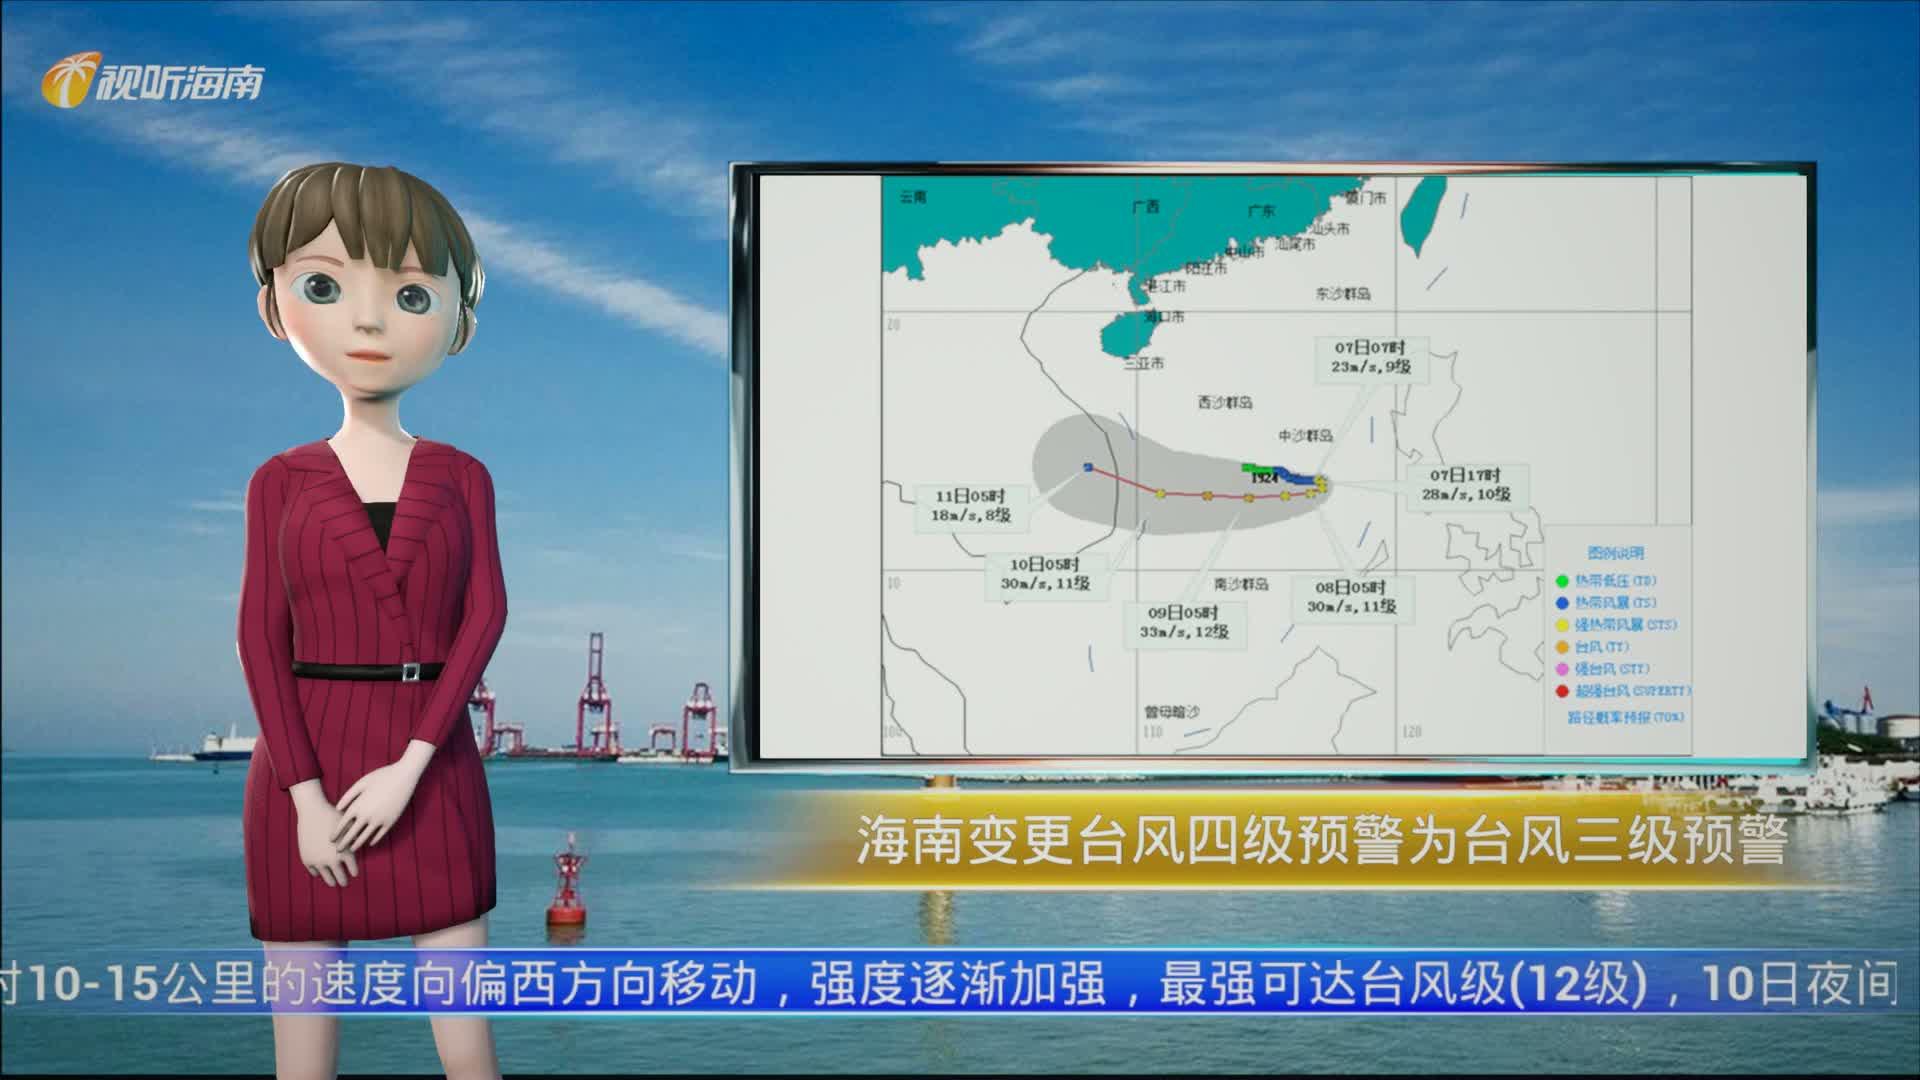 AI播报| 海南变更台风四级预警为台风三级预警